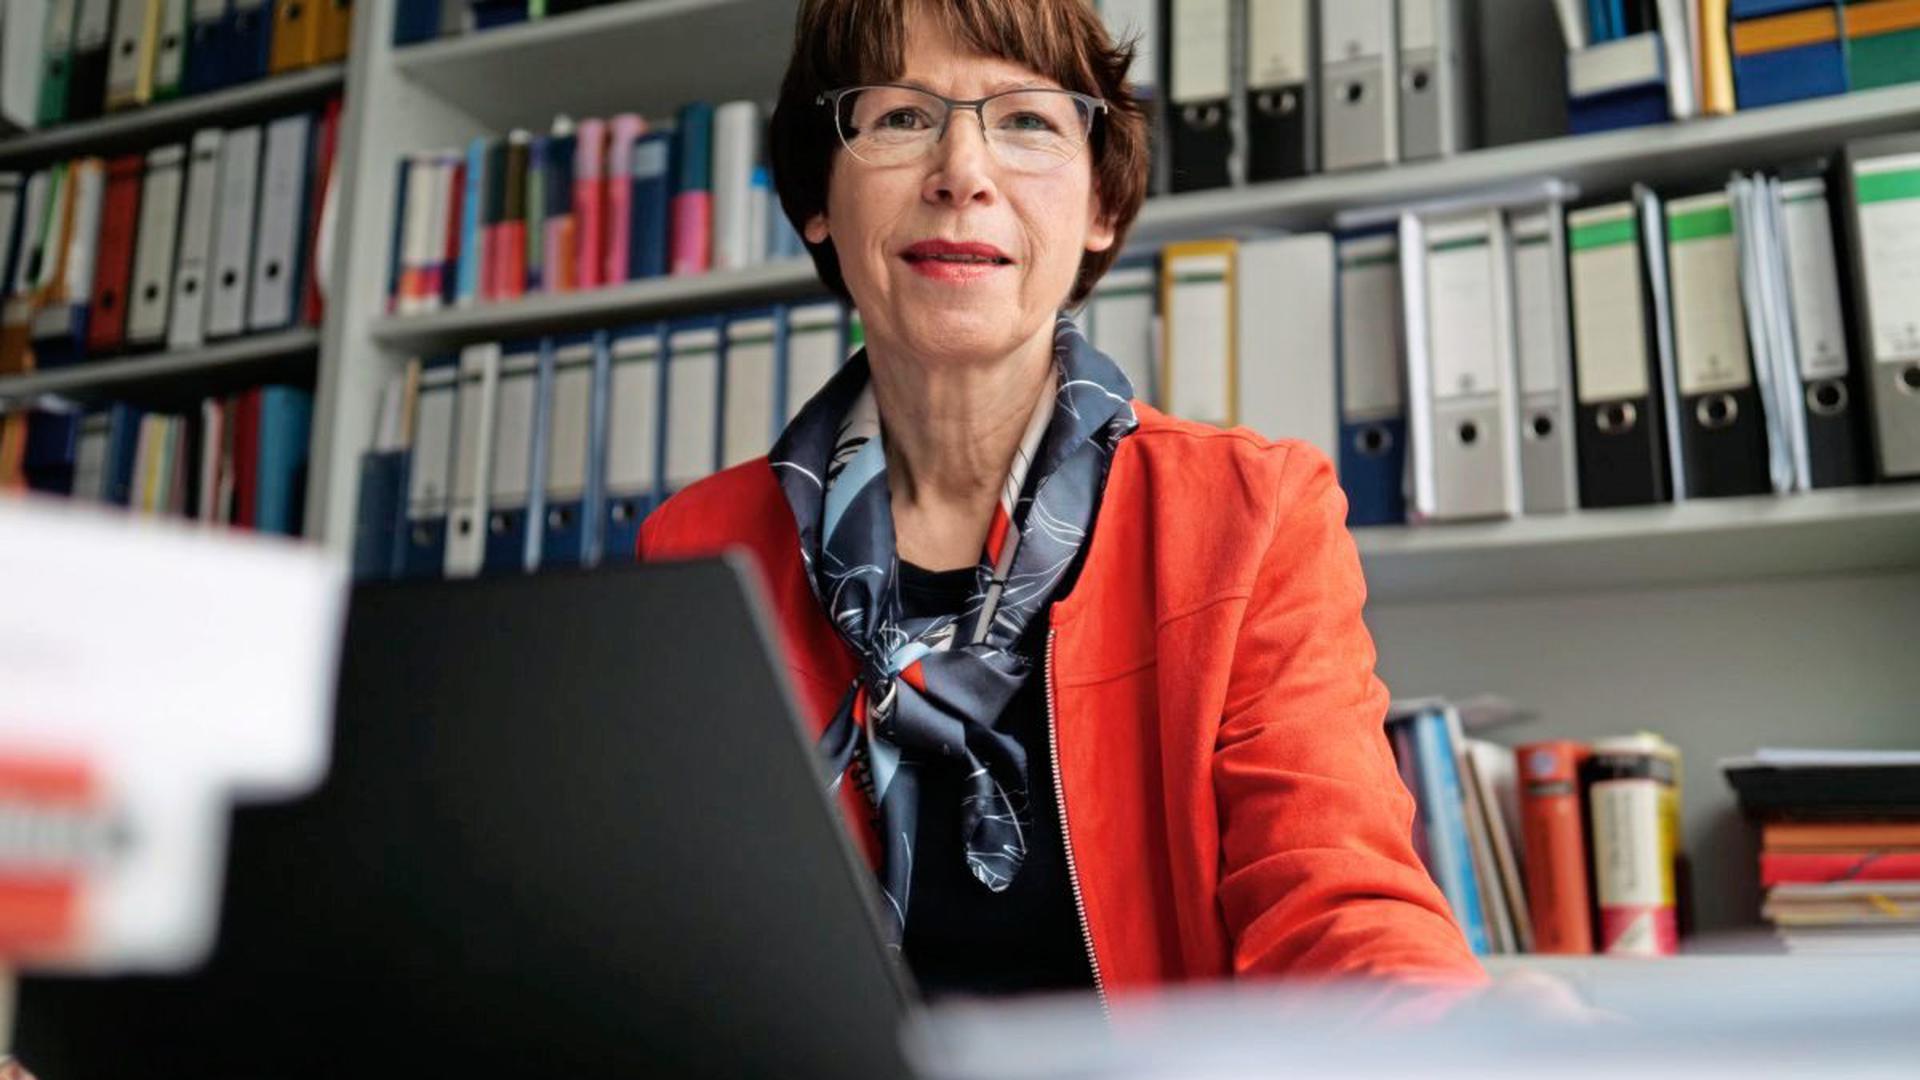 """Annette Treibel-Illian ist Leiterin des Master-Studiengangs """"Interkulturelle Bildung, Migration und Mehrsprachigkeit"""" an der Pädagogischen Hochschule Karlsruhe."""